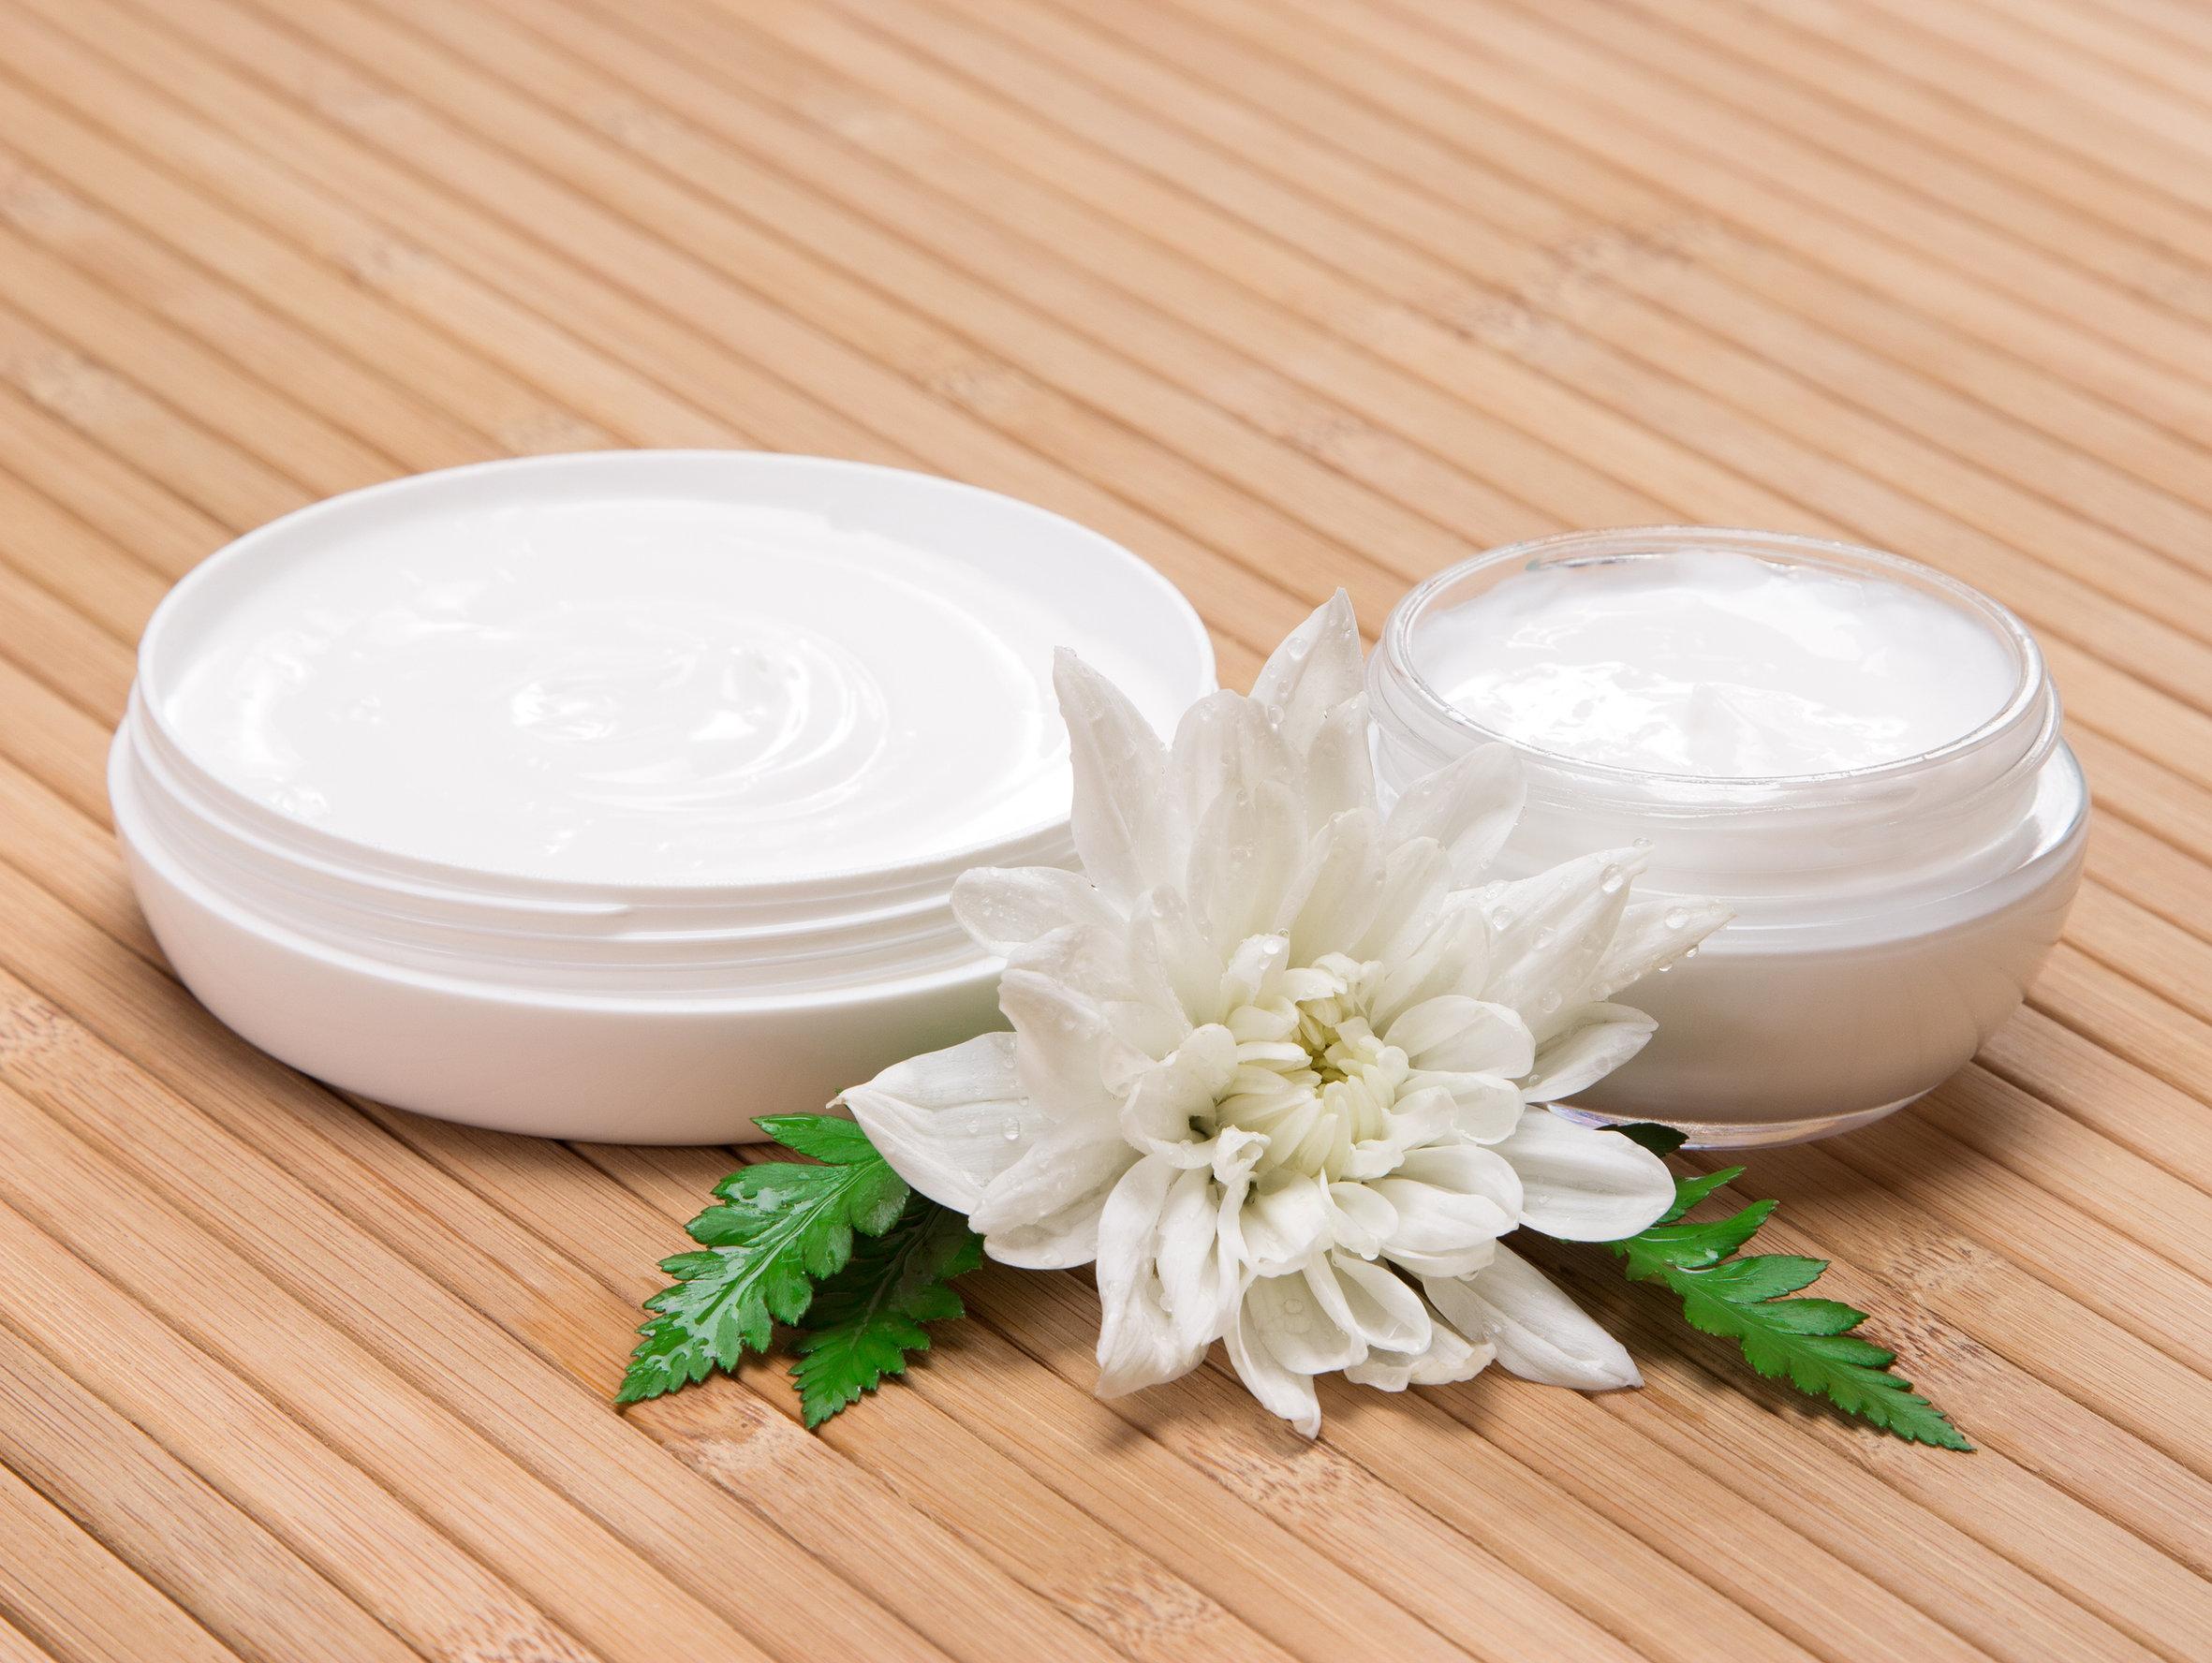 Recipientes con crema para la piel